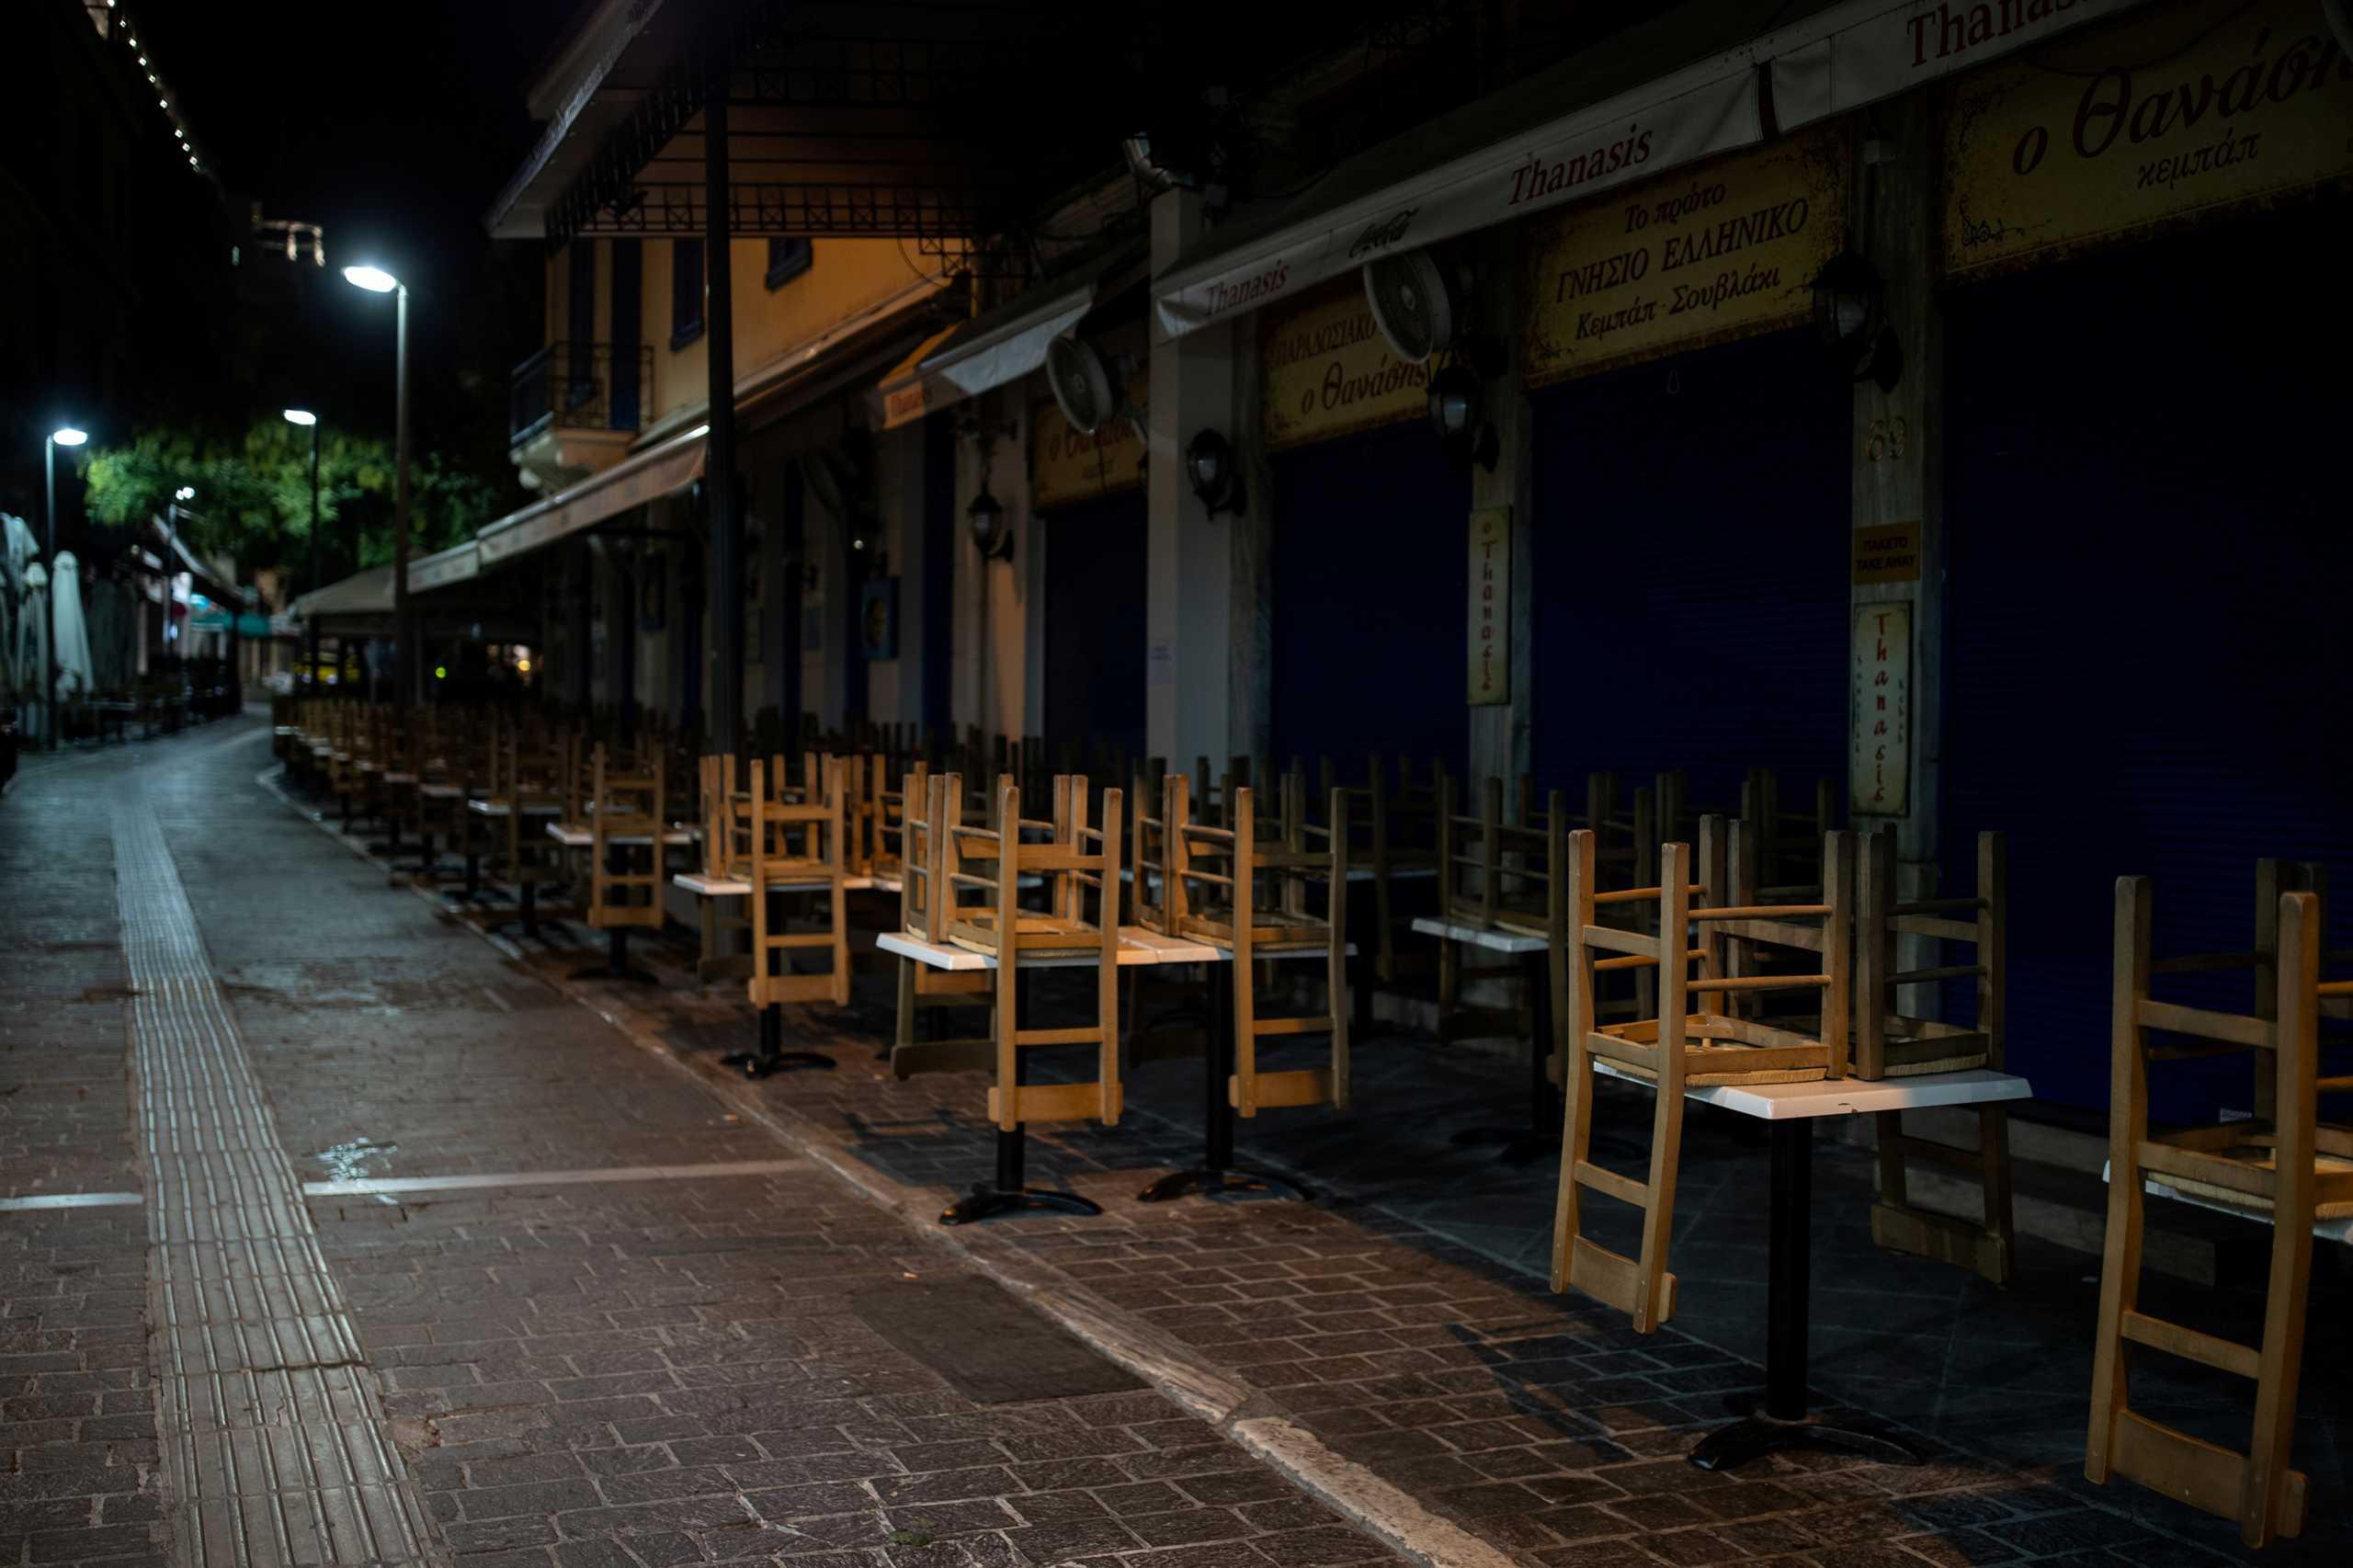 Πελώνη: Είναι νωρίς να μιλάμε για ημερομηνίες ανοίγματος της αγοράς